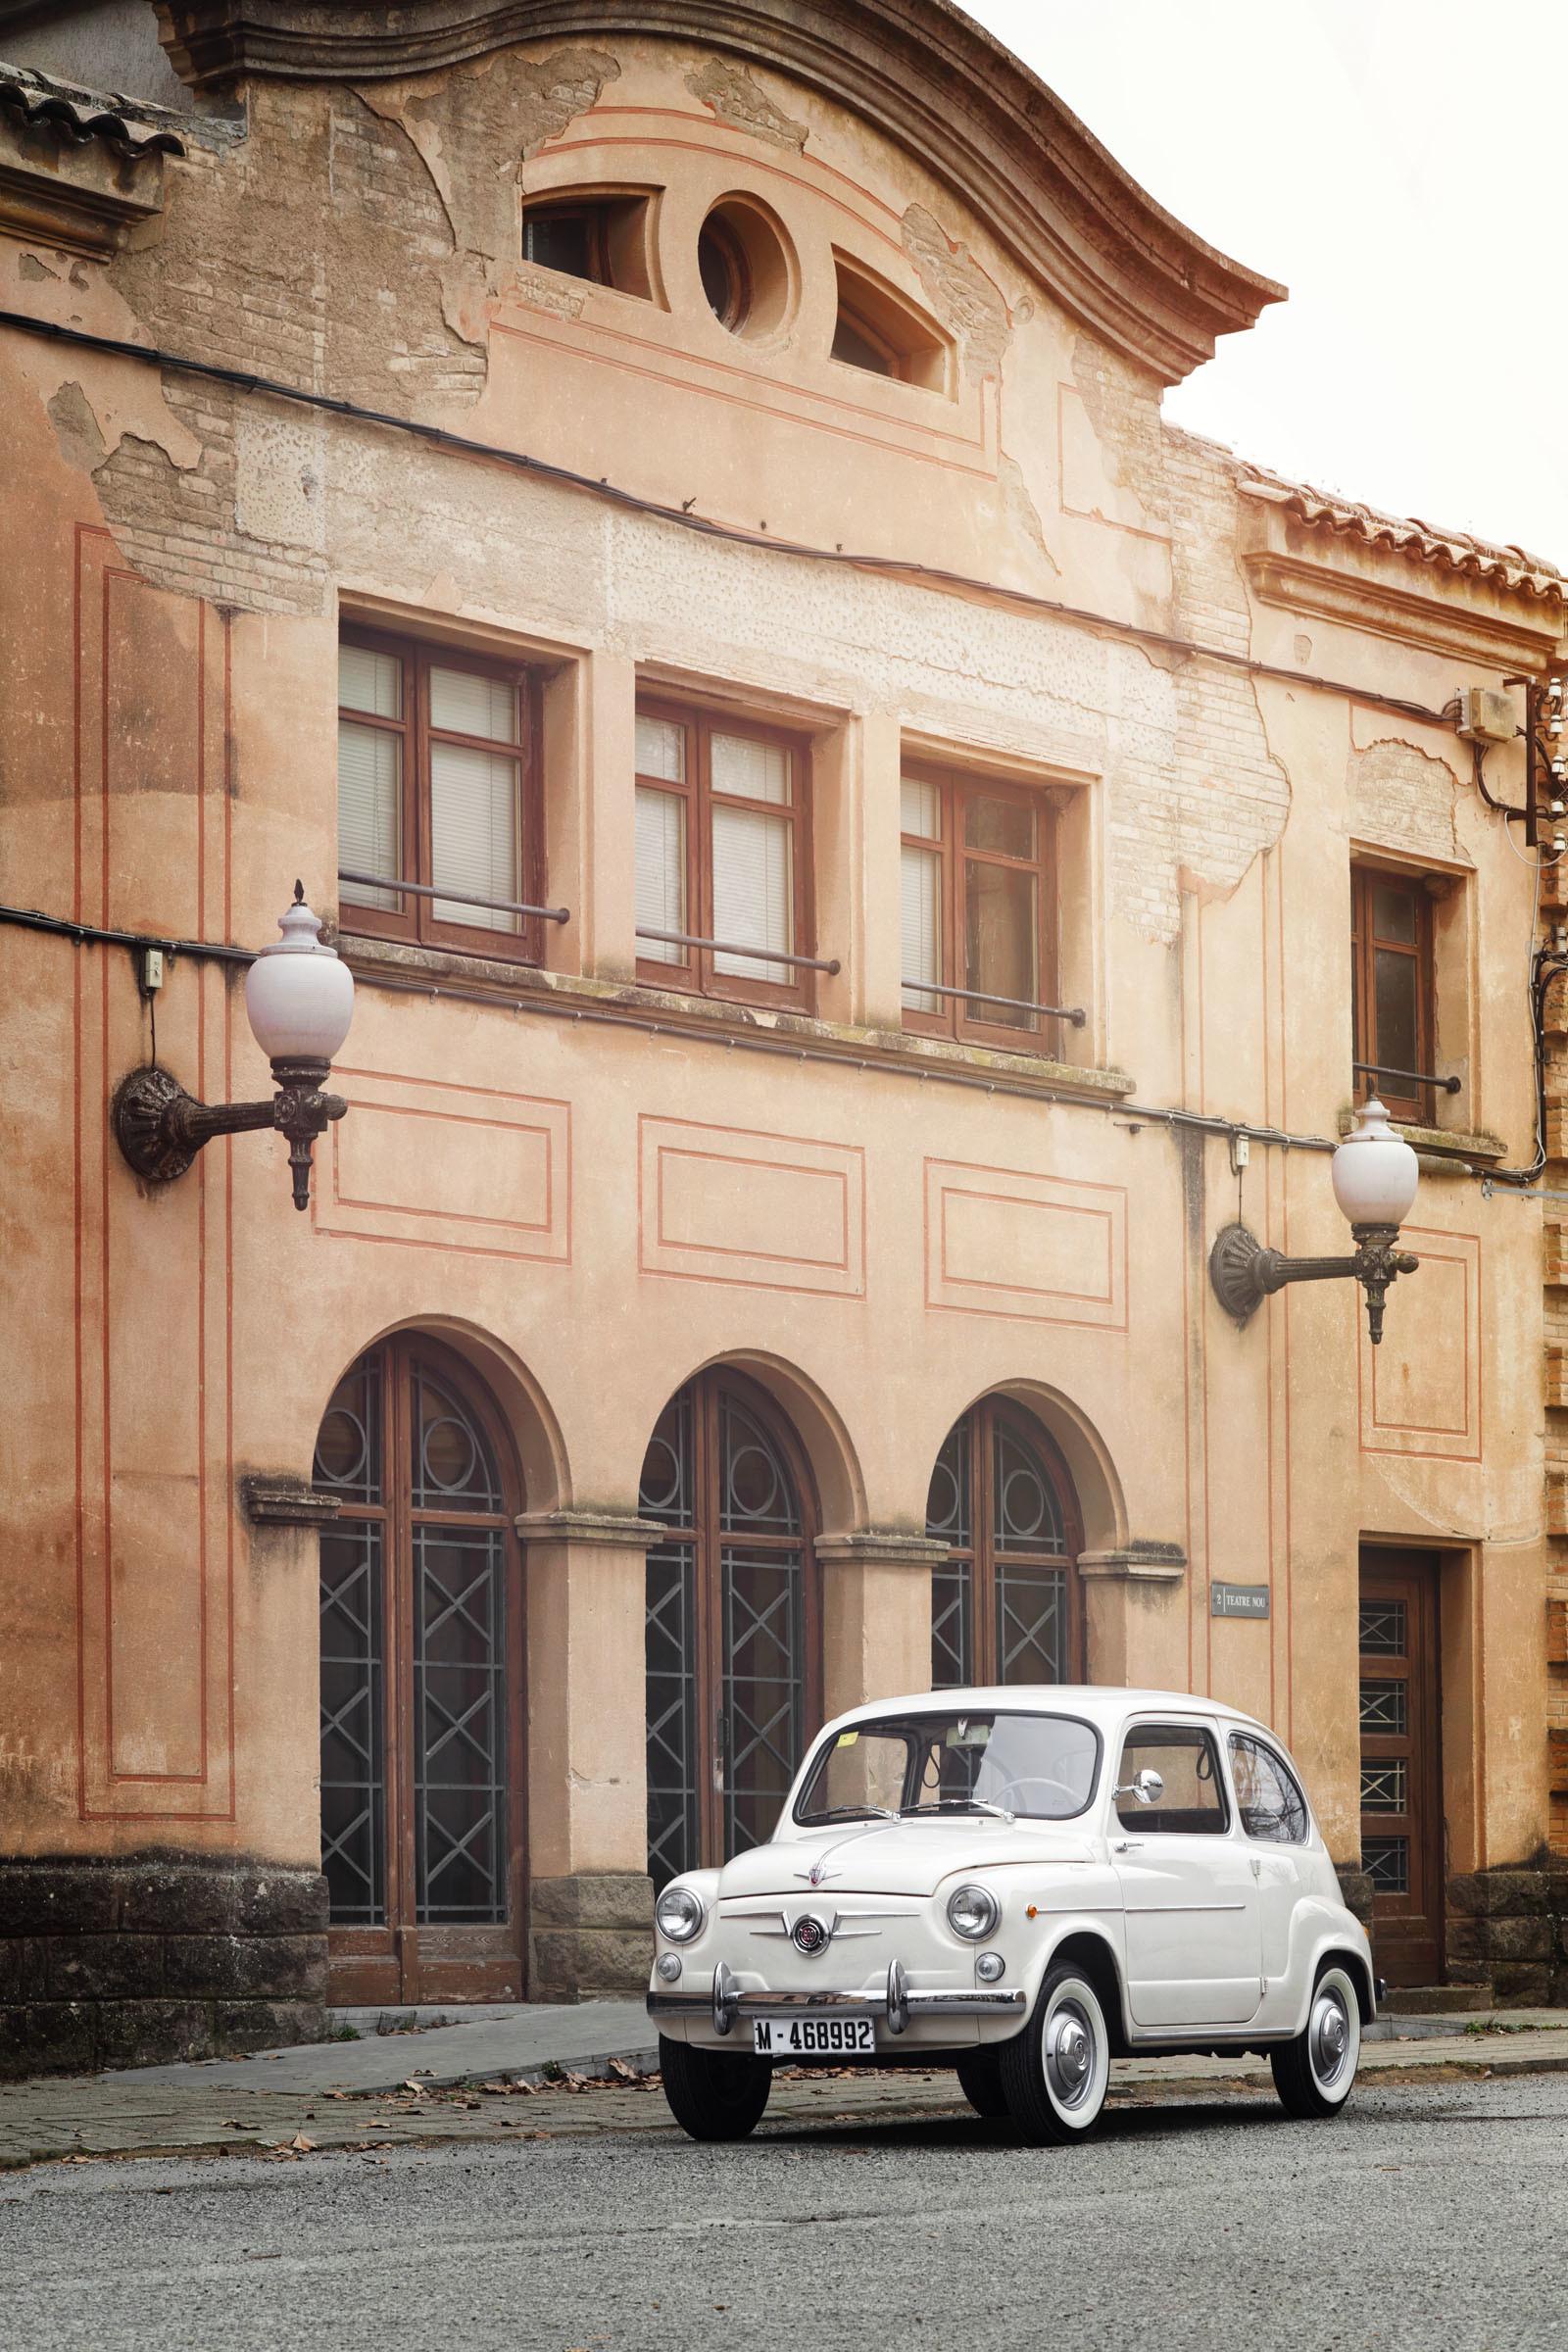 Foto de SEAT 600 (50 Aniversario) (24/64)